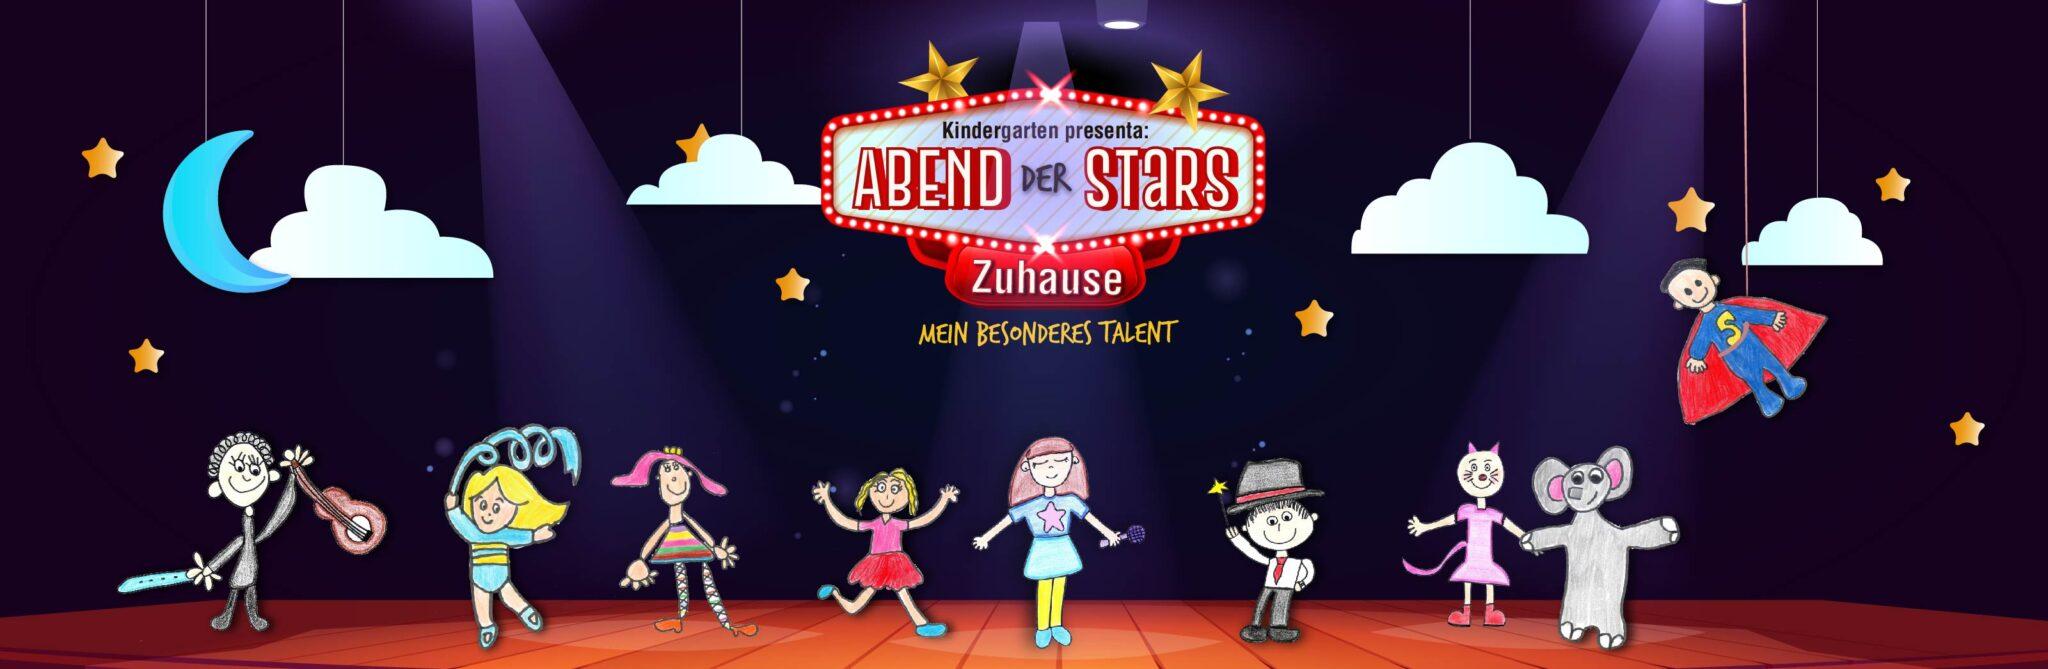 evento noche de estrellas kindergarten colegio max uhle arequipa